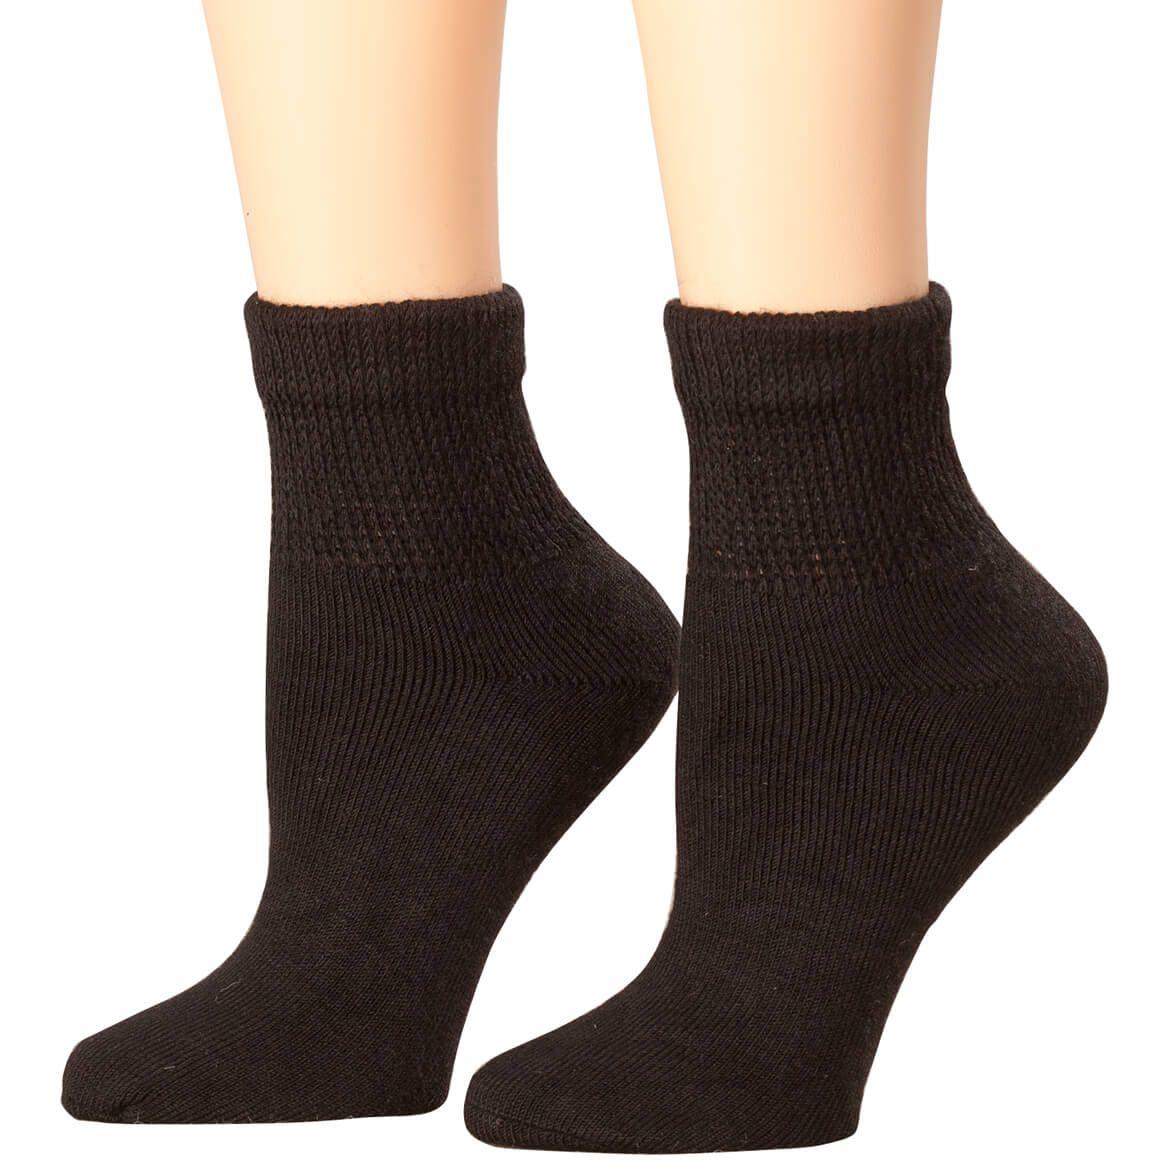 Black 8 Pack Sock Size 10-13 Athletic Socks Womens Running Socks Quarter Cut